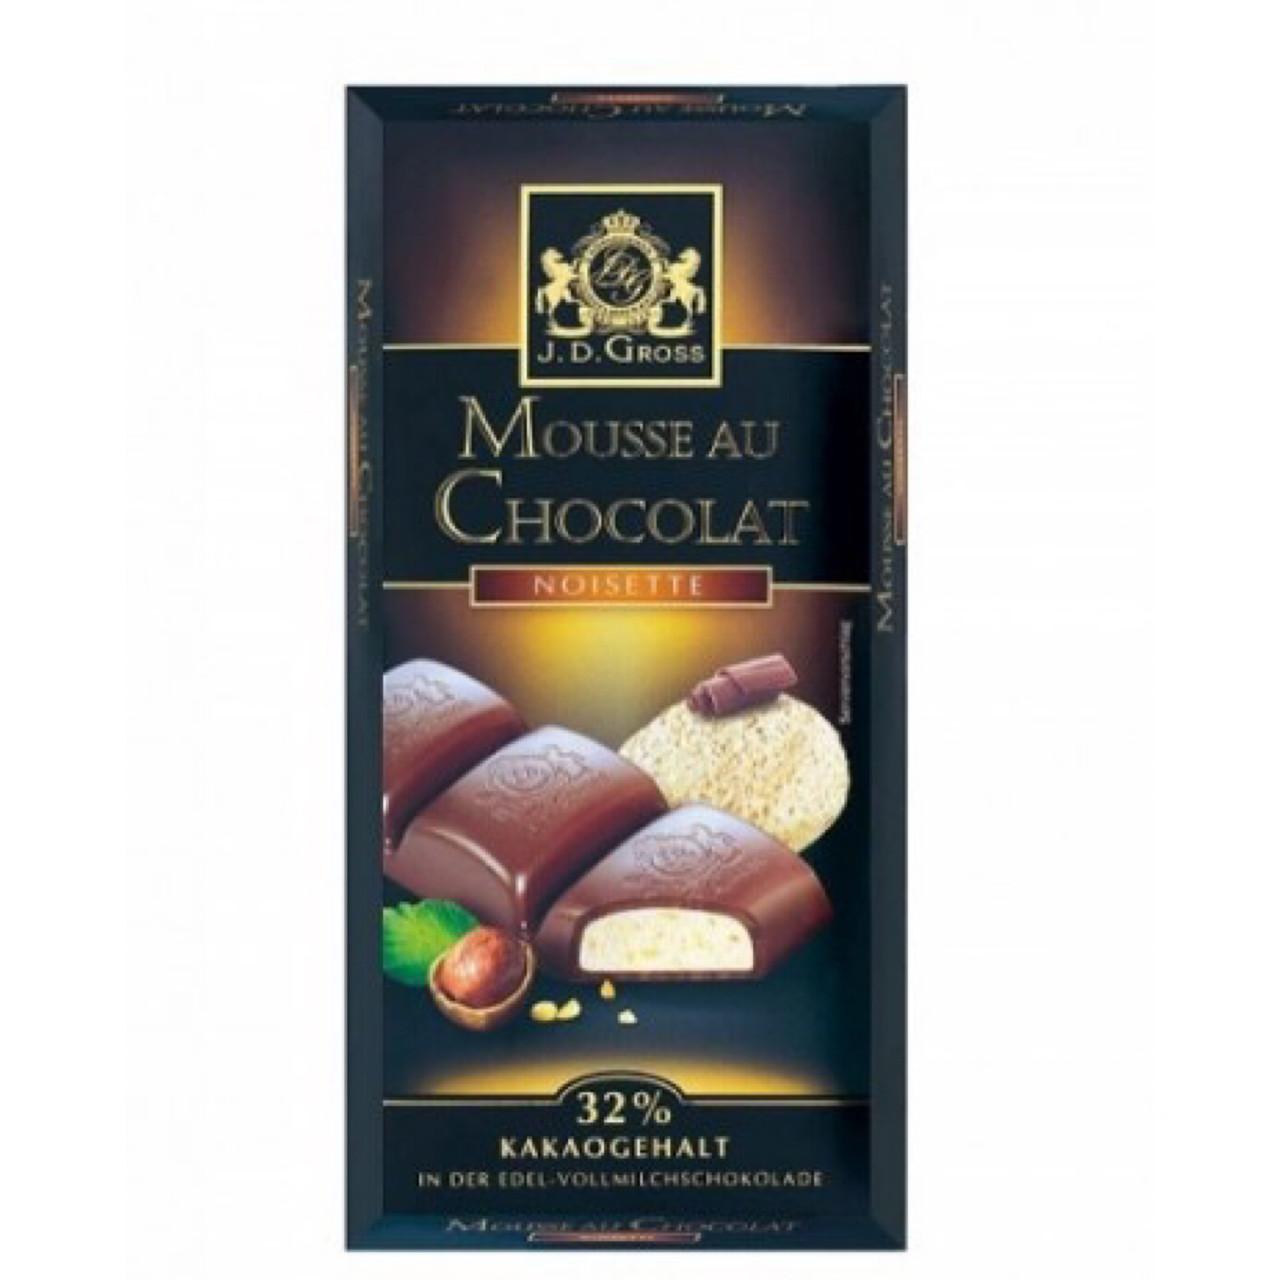 Шоколад J.D.Gross Mousse au Chocolat с фундуком 182,5г